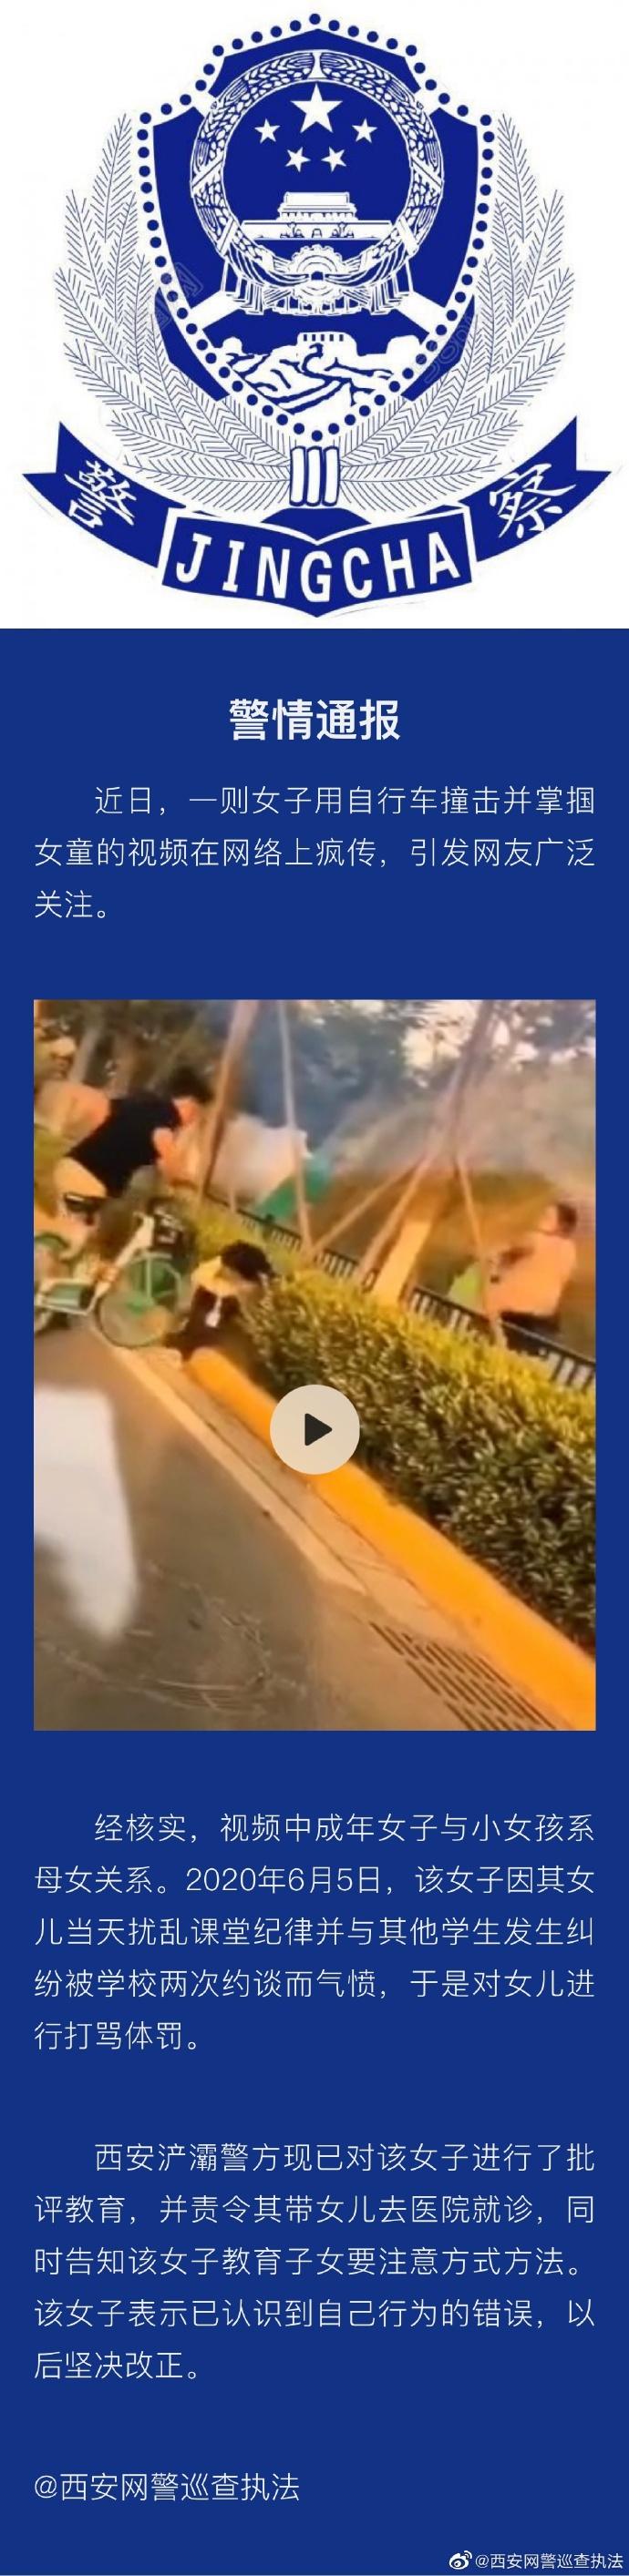 女子用自行车撞击掌掴女童什么情况?警方通报曝光真相竟是这样